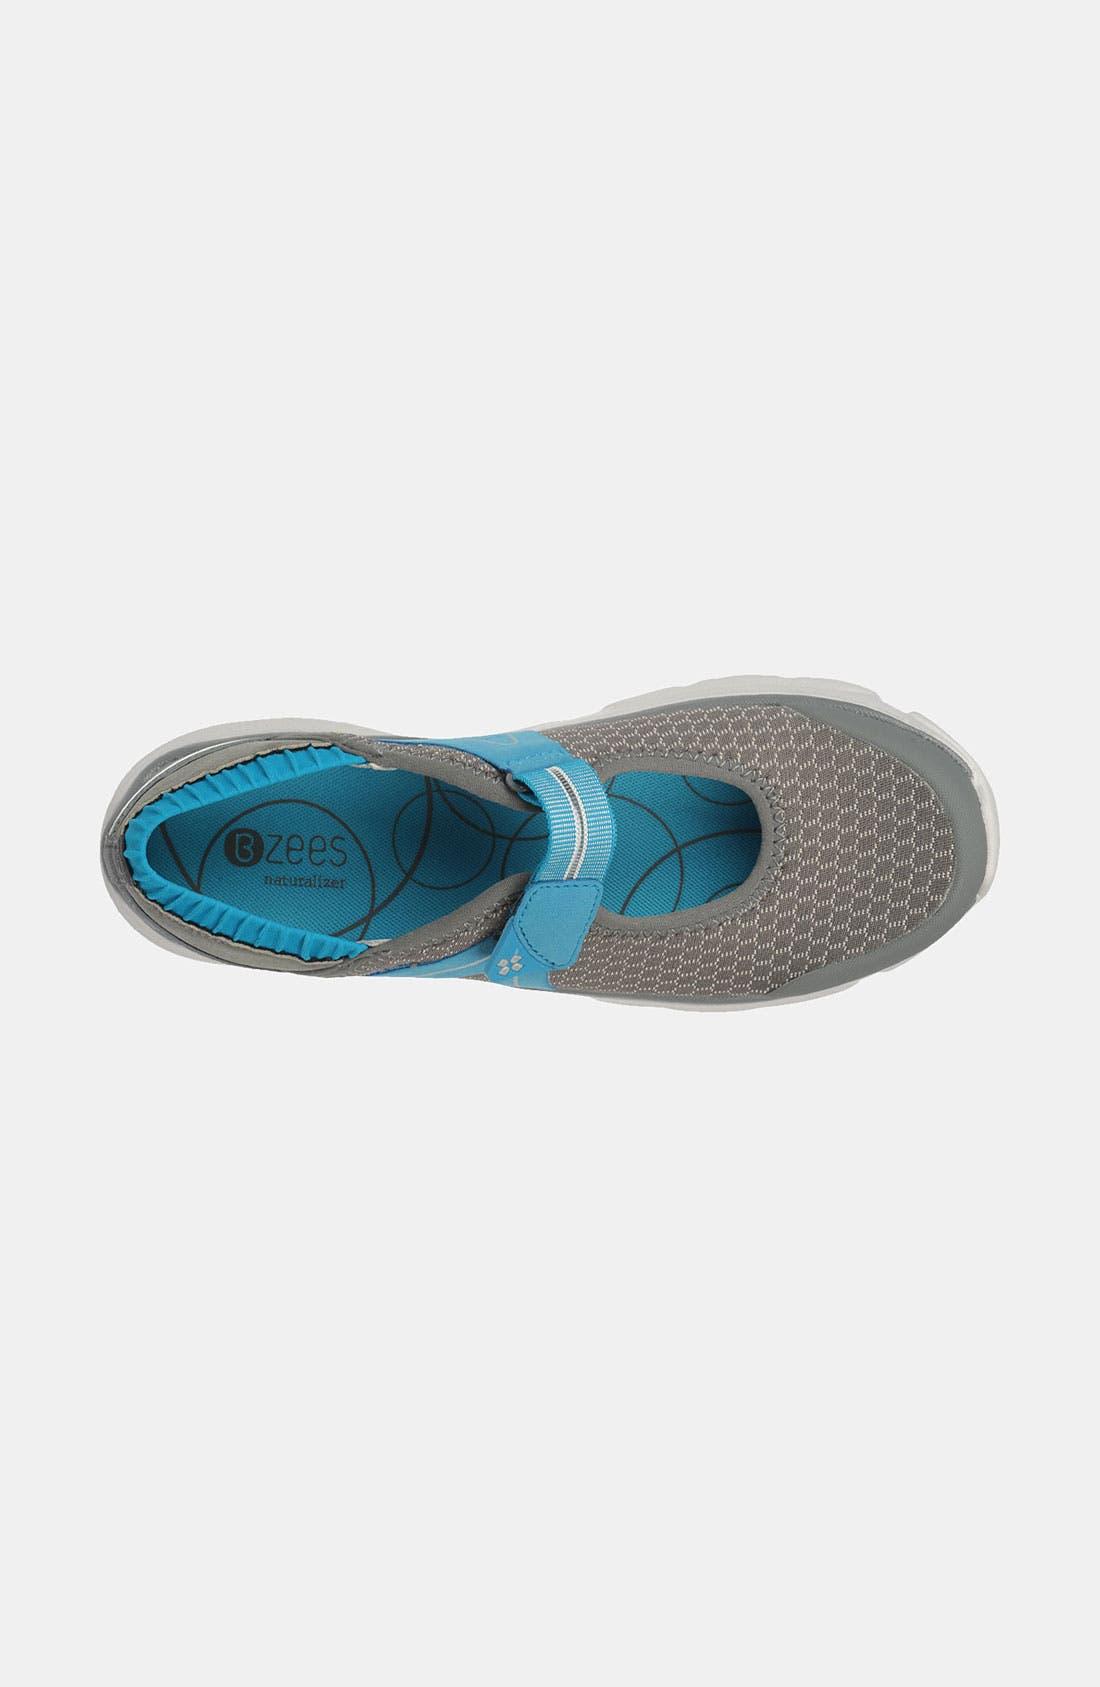 Alternate Image 2  - Naturalizer 'BZees - Boardwalk' Walking Shoe